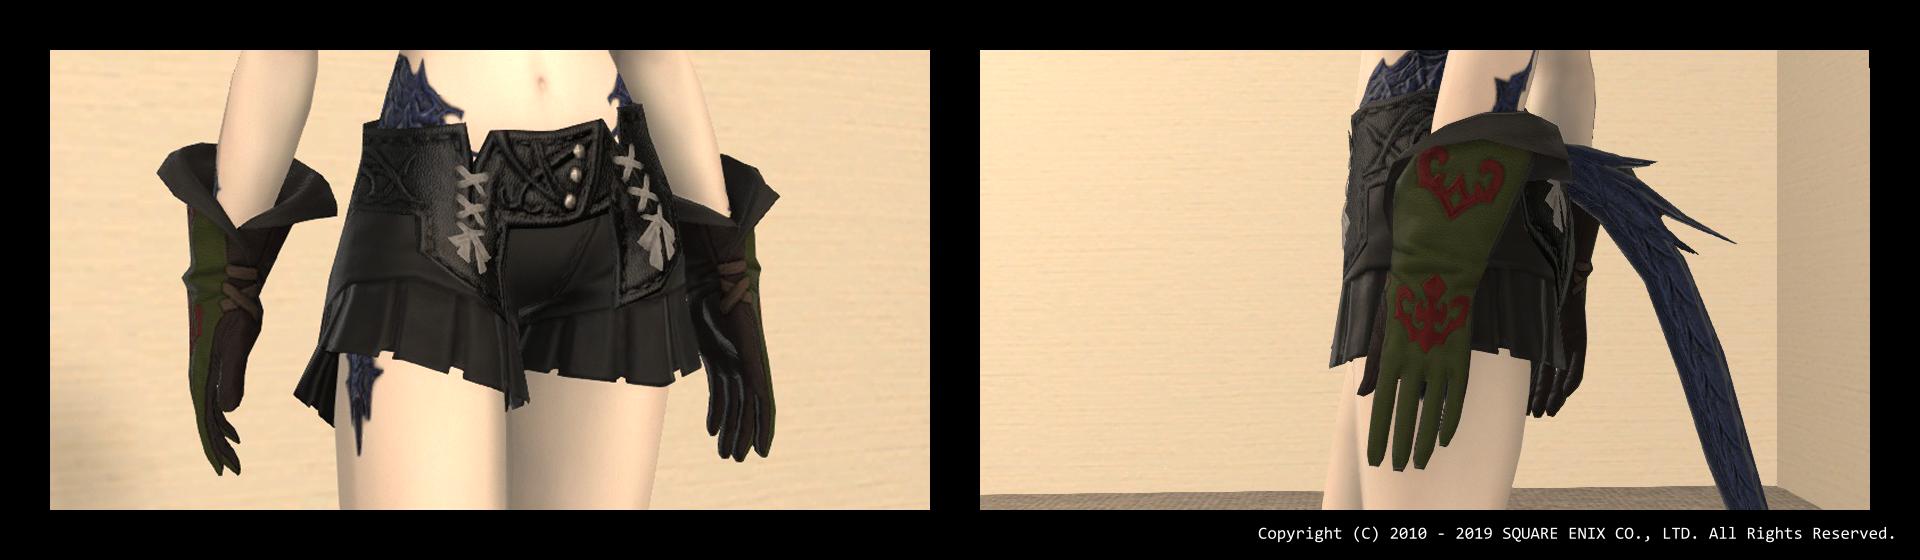 385c-drg-hands